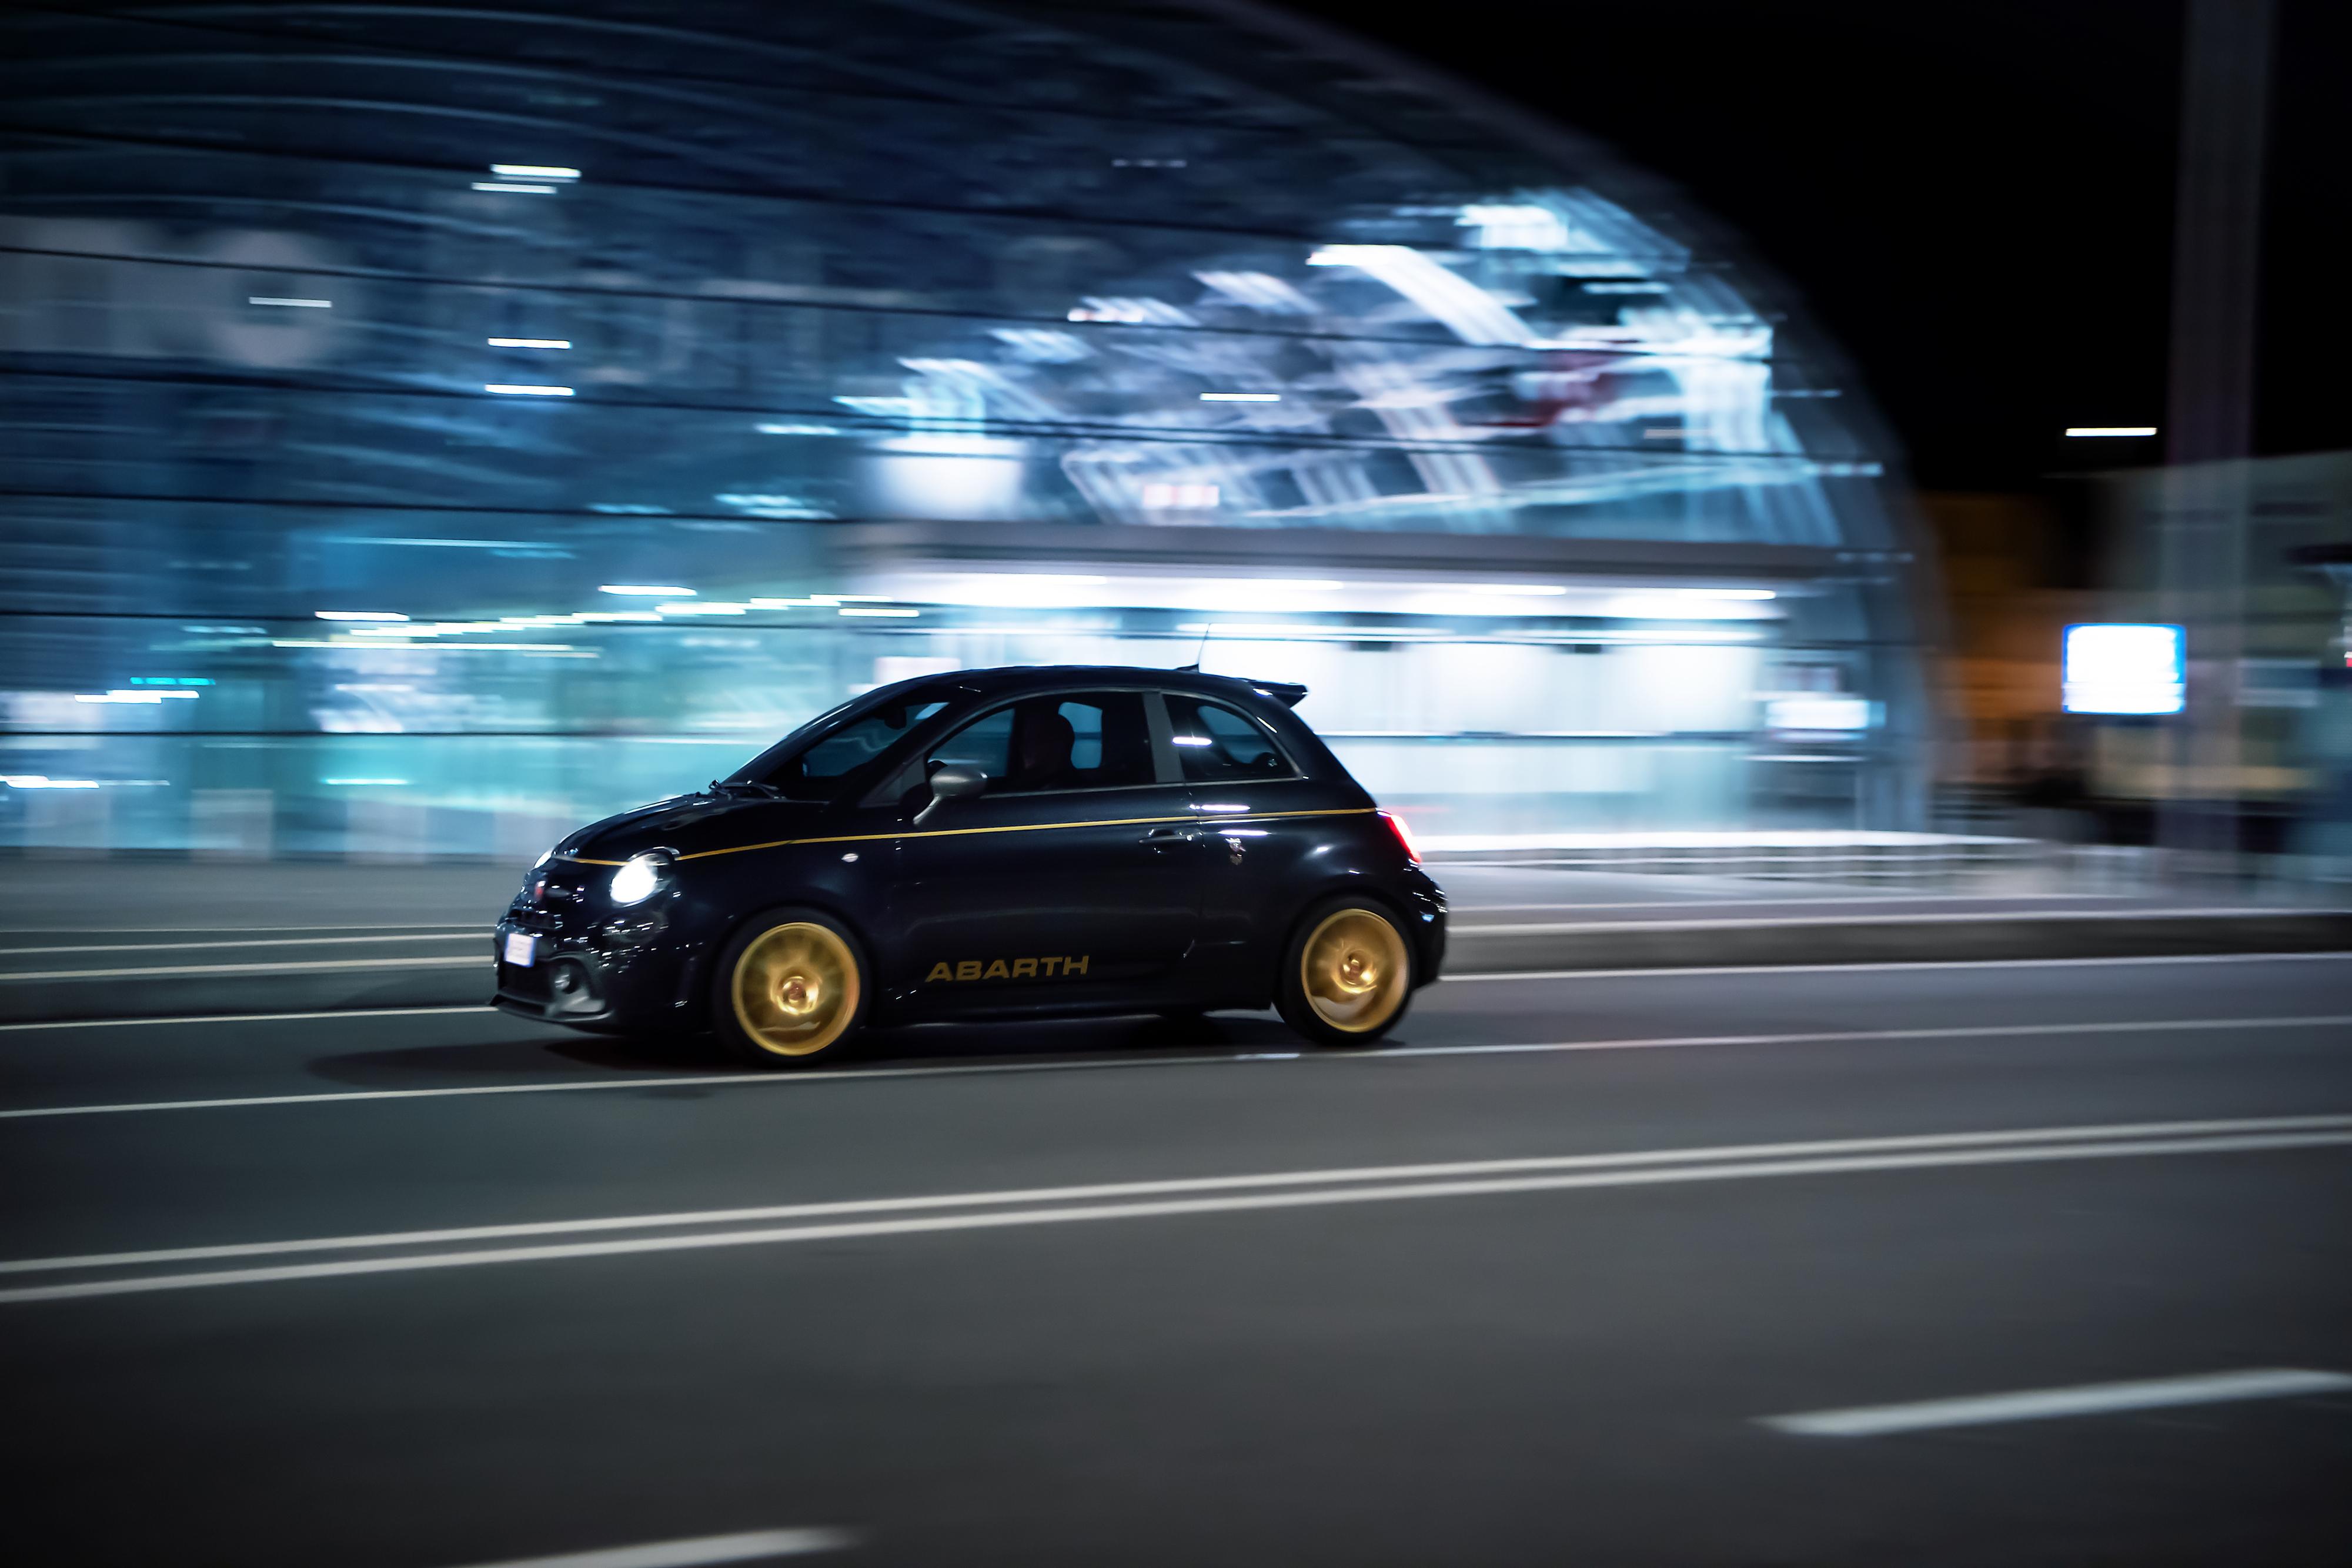 2015 - [Fiat] 500 Restylée - Page 24 S0-nouvelles-editions-speciale-scorpionero-et-yamaha-de-l-abarth-595-641179